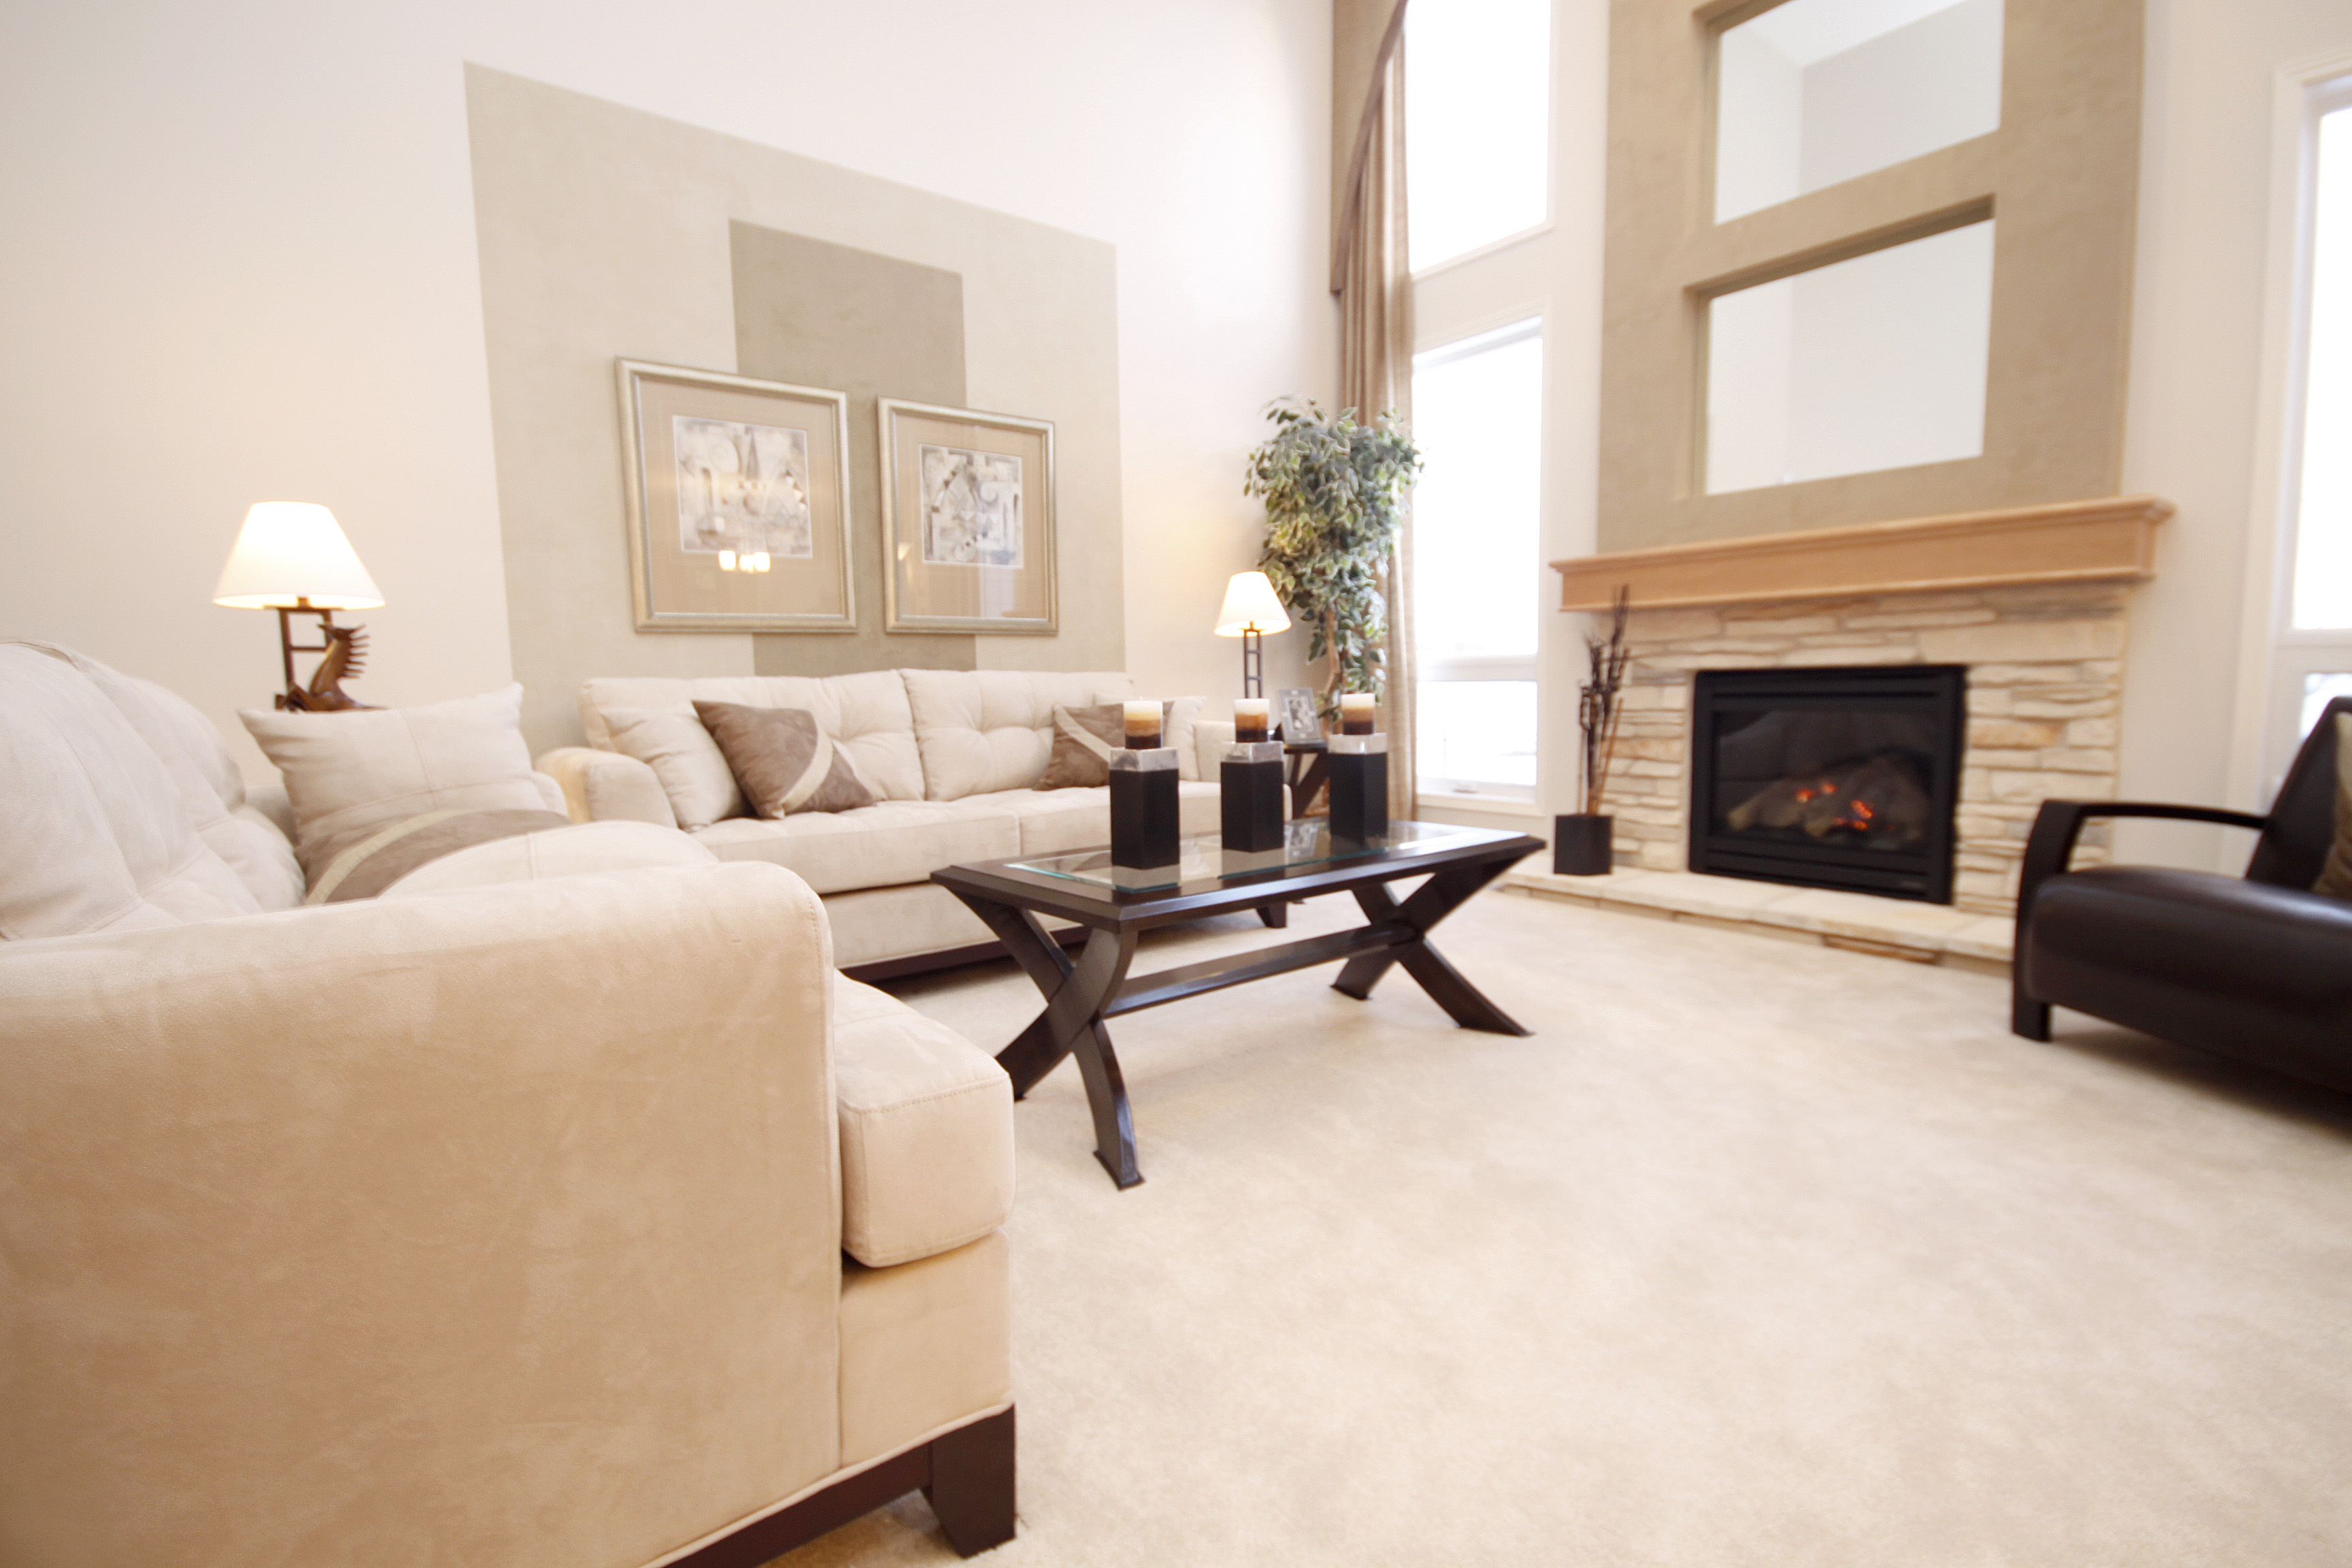 Living Room Interior Designers In Virginia Beach